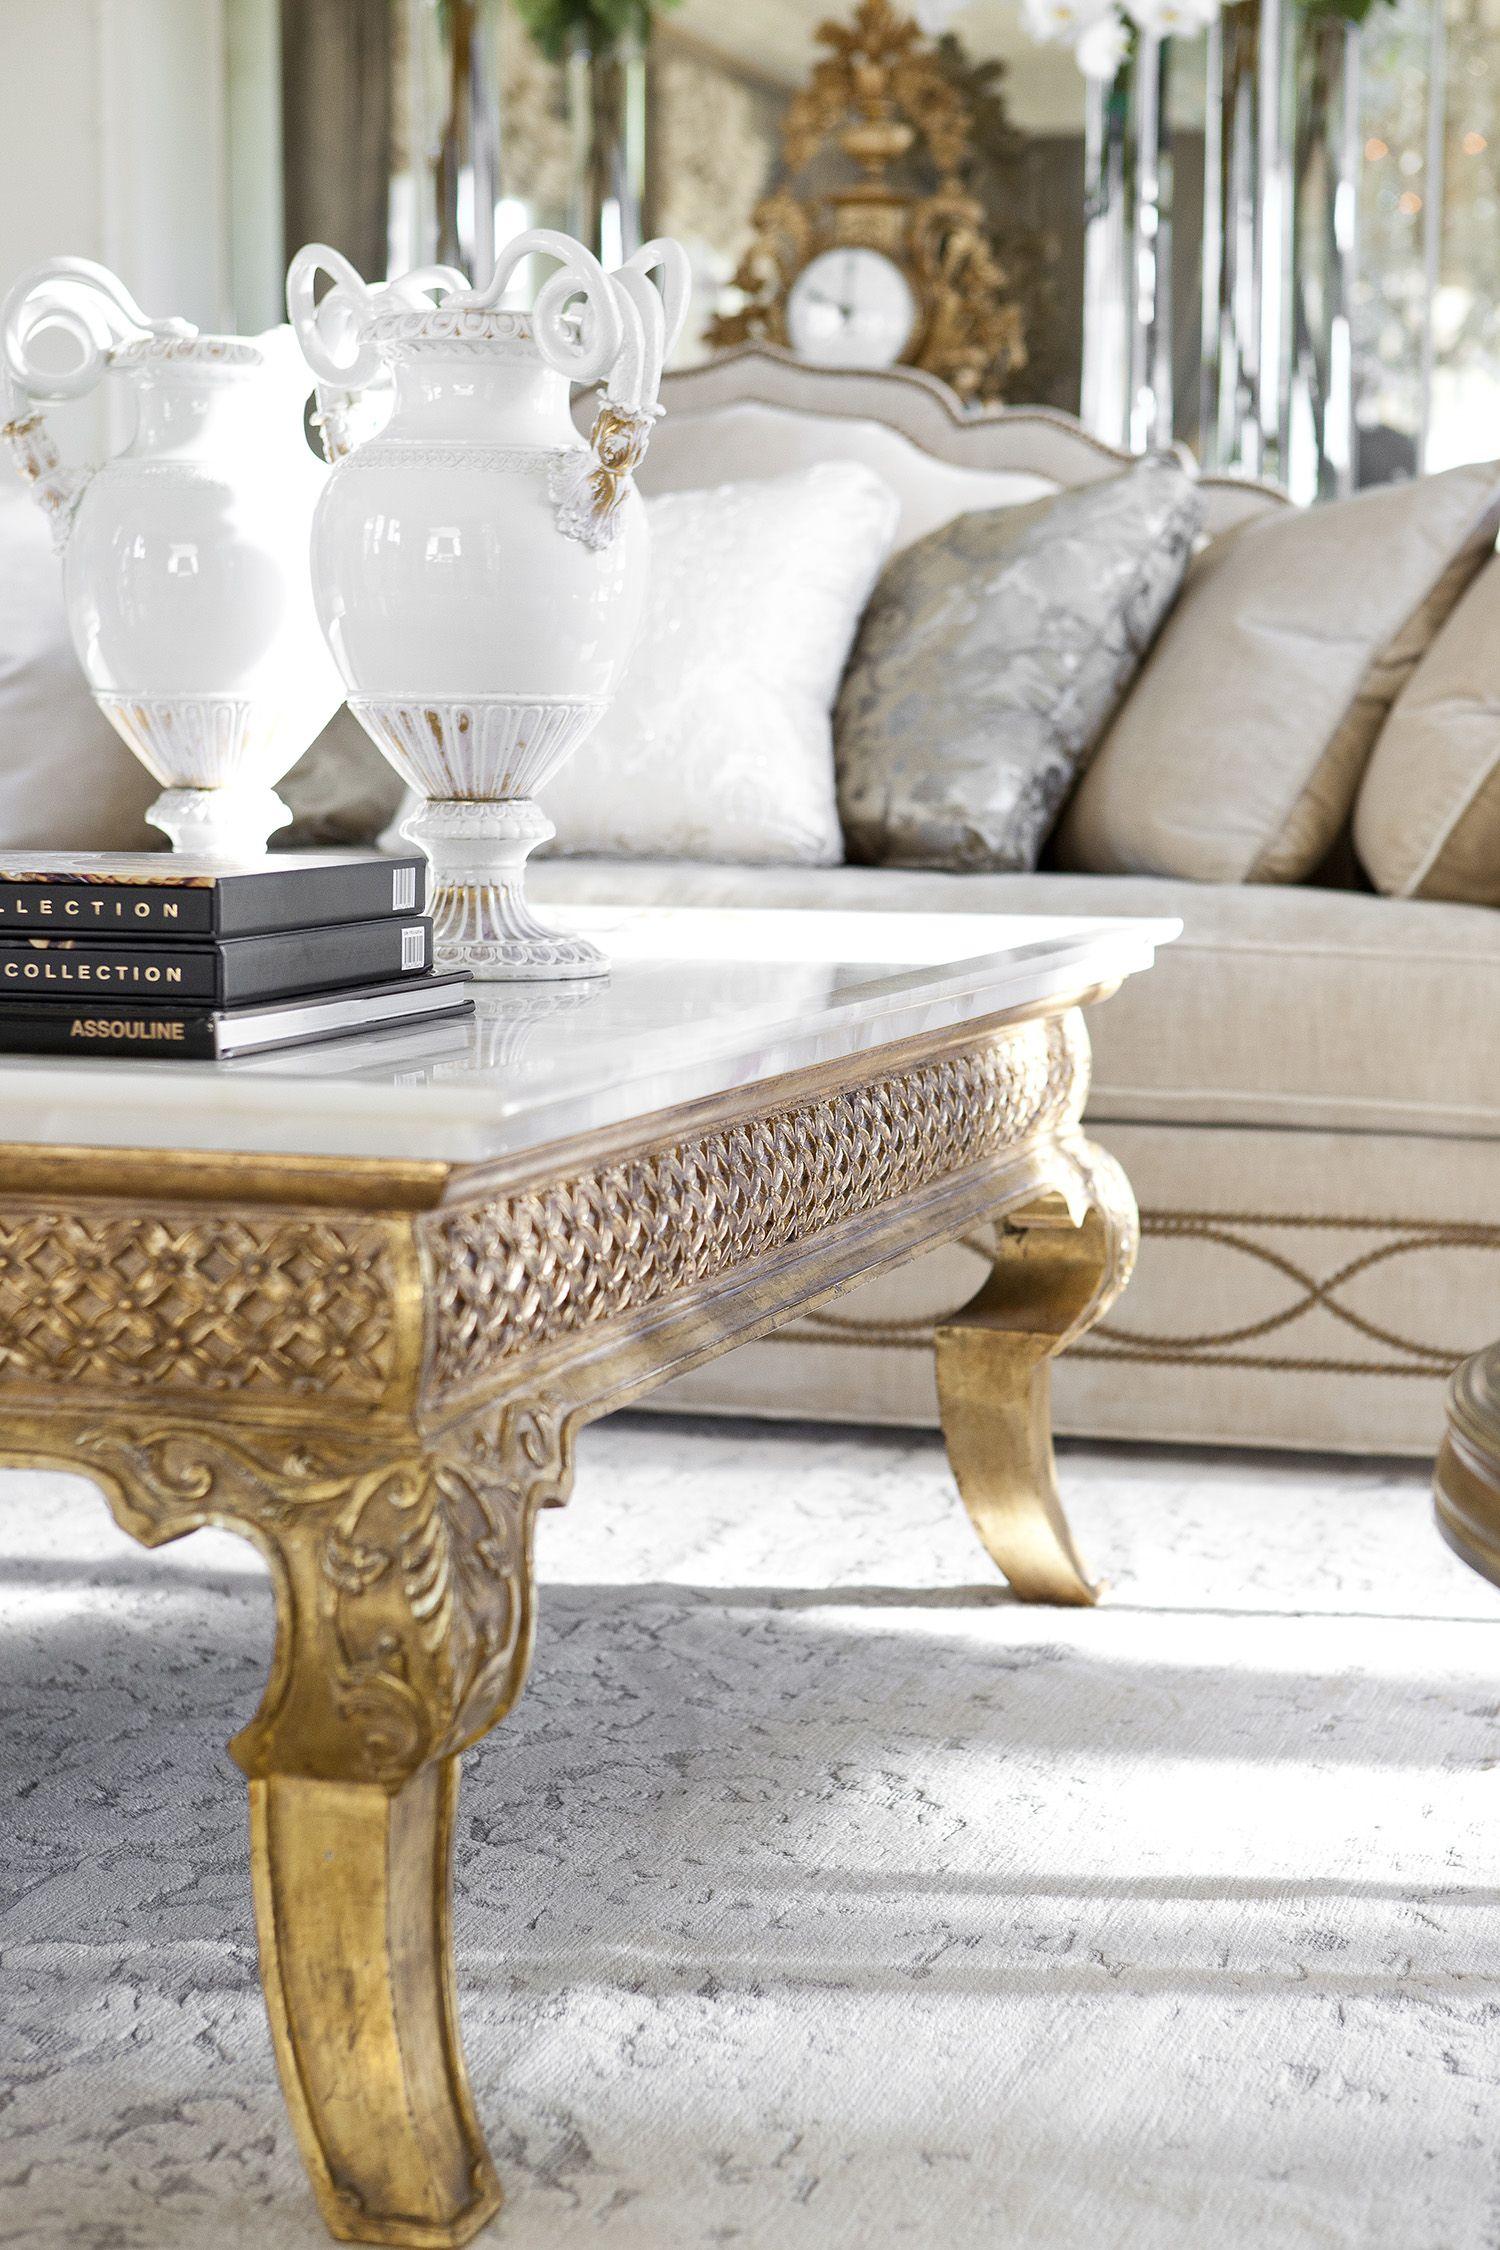 Living Room detail at Maison de Ville a Parisian pied a terre by